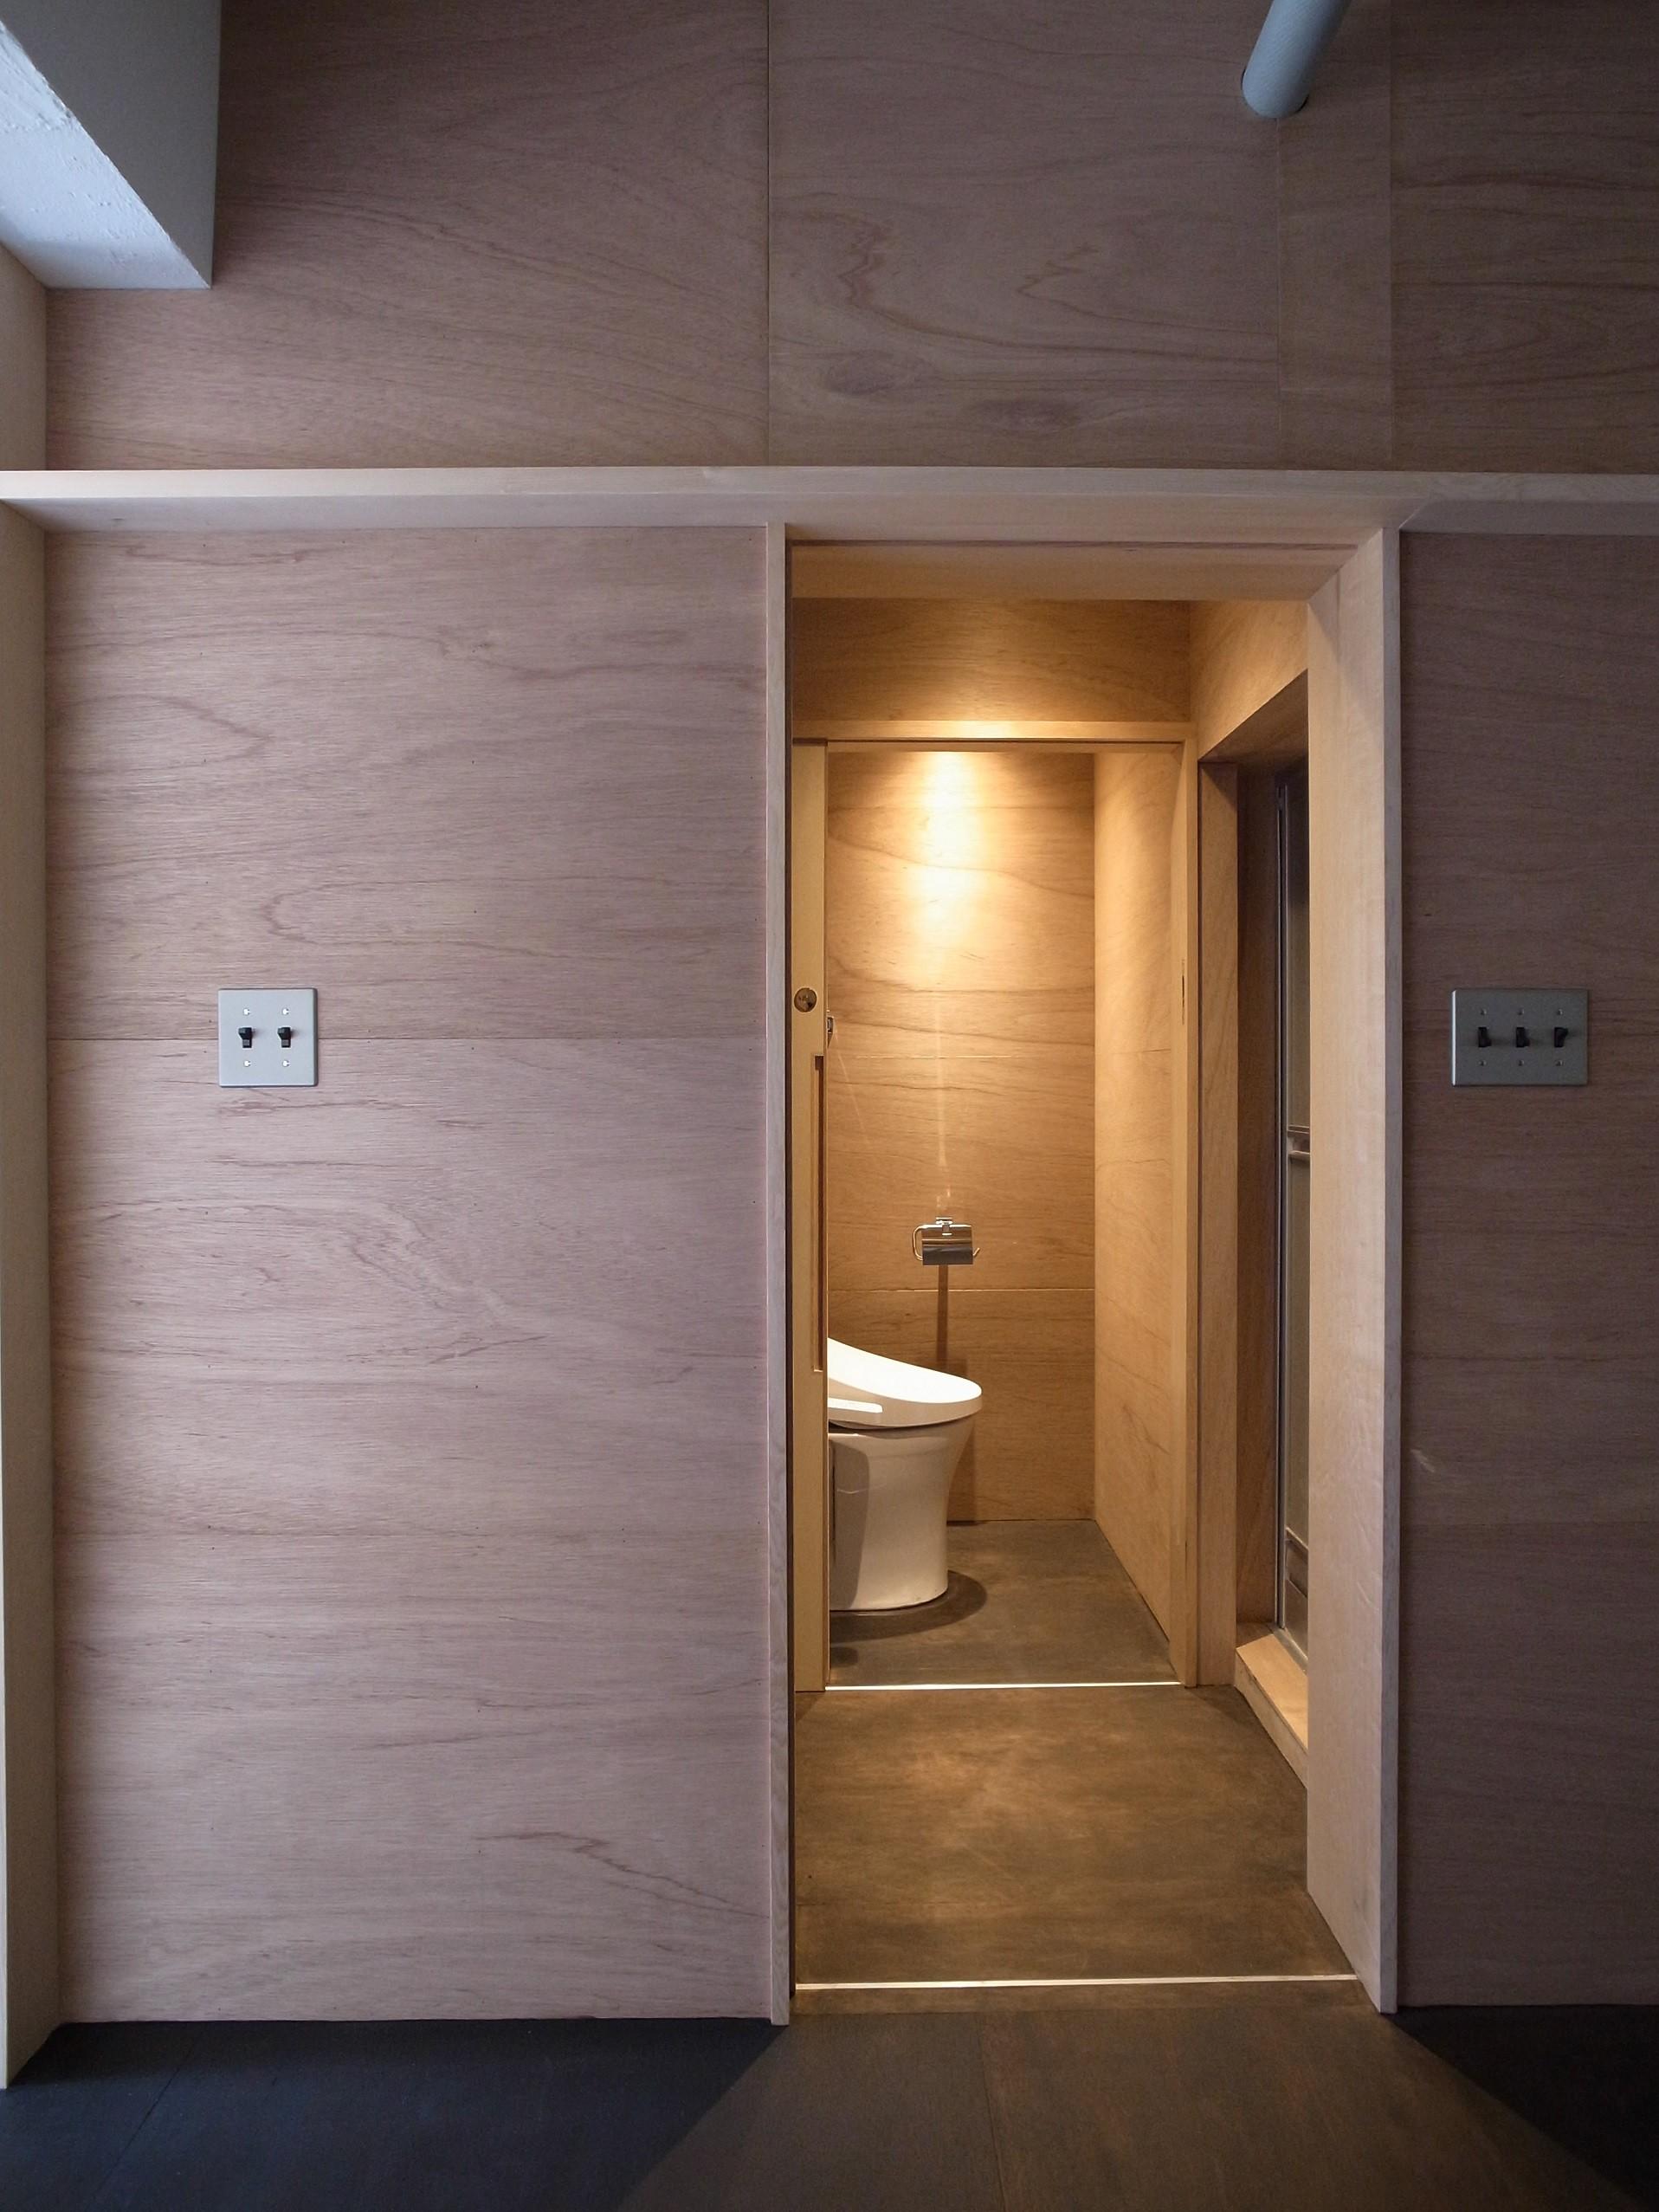 リビングダイニング事例:洗濯脱衣室・トイレ(恵比寿西マンションリノベーション)